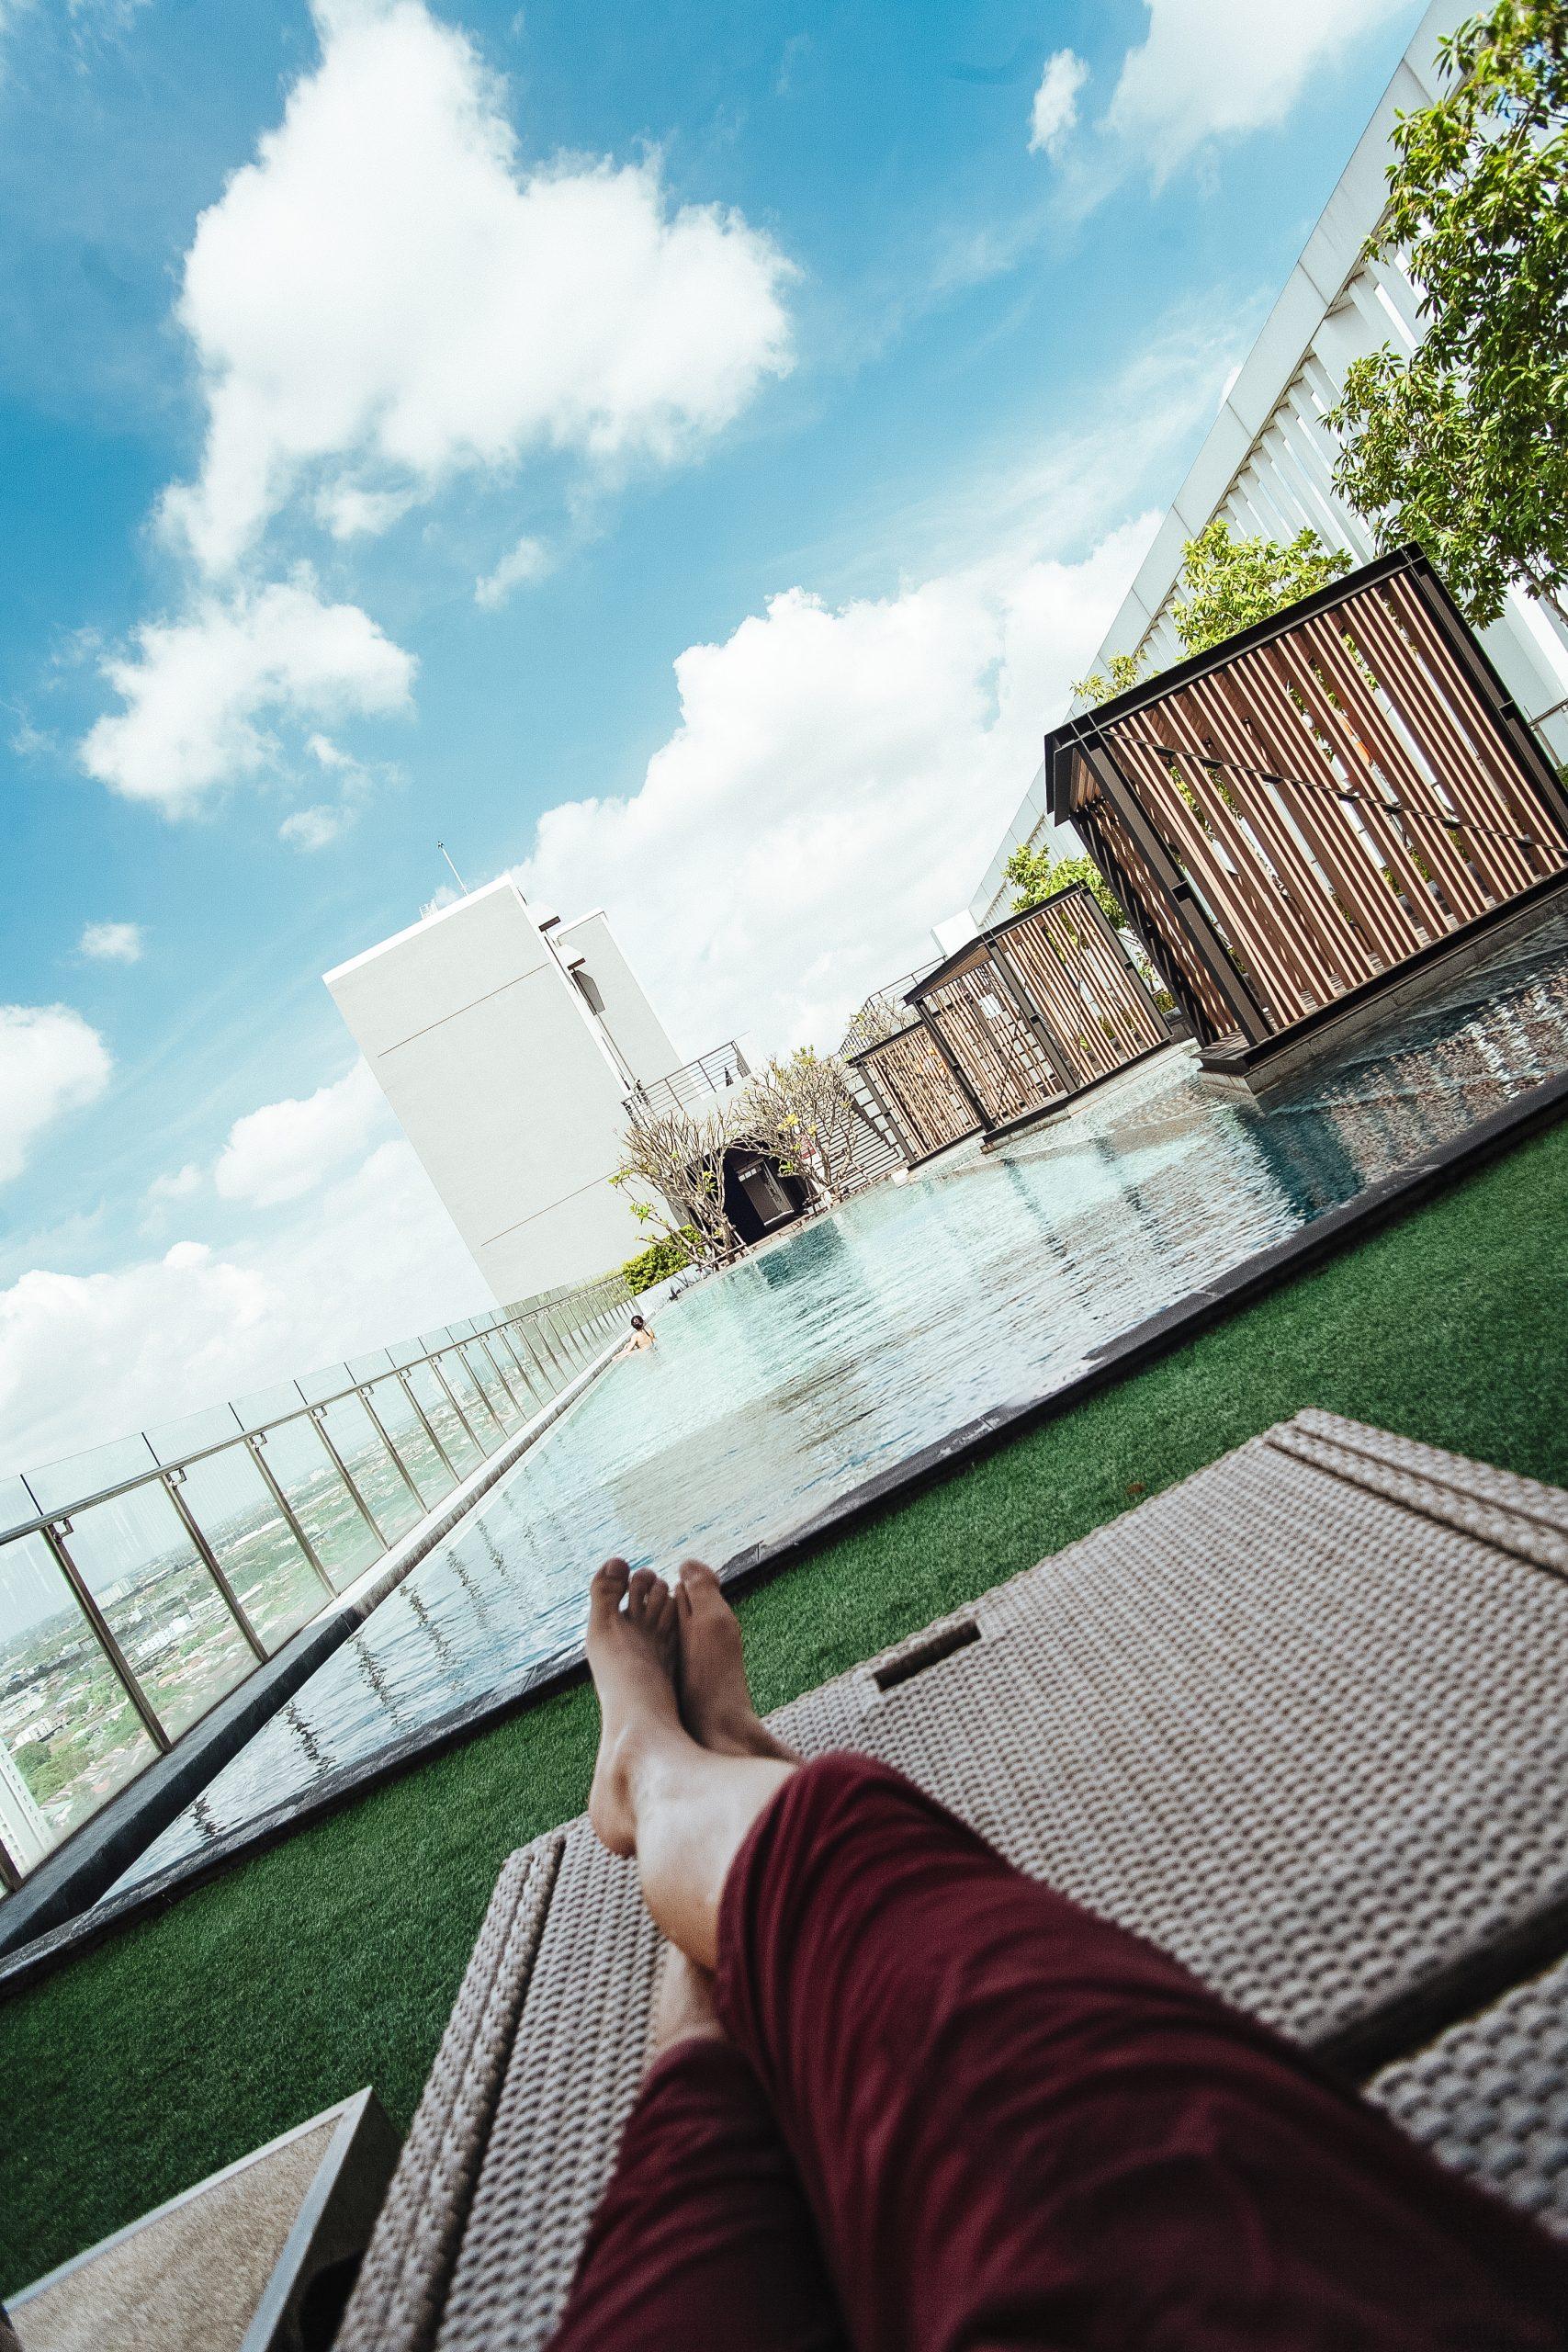 Bangkok Rooftop Pool and Hotel